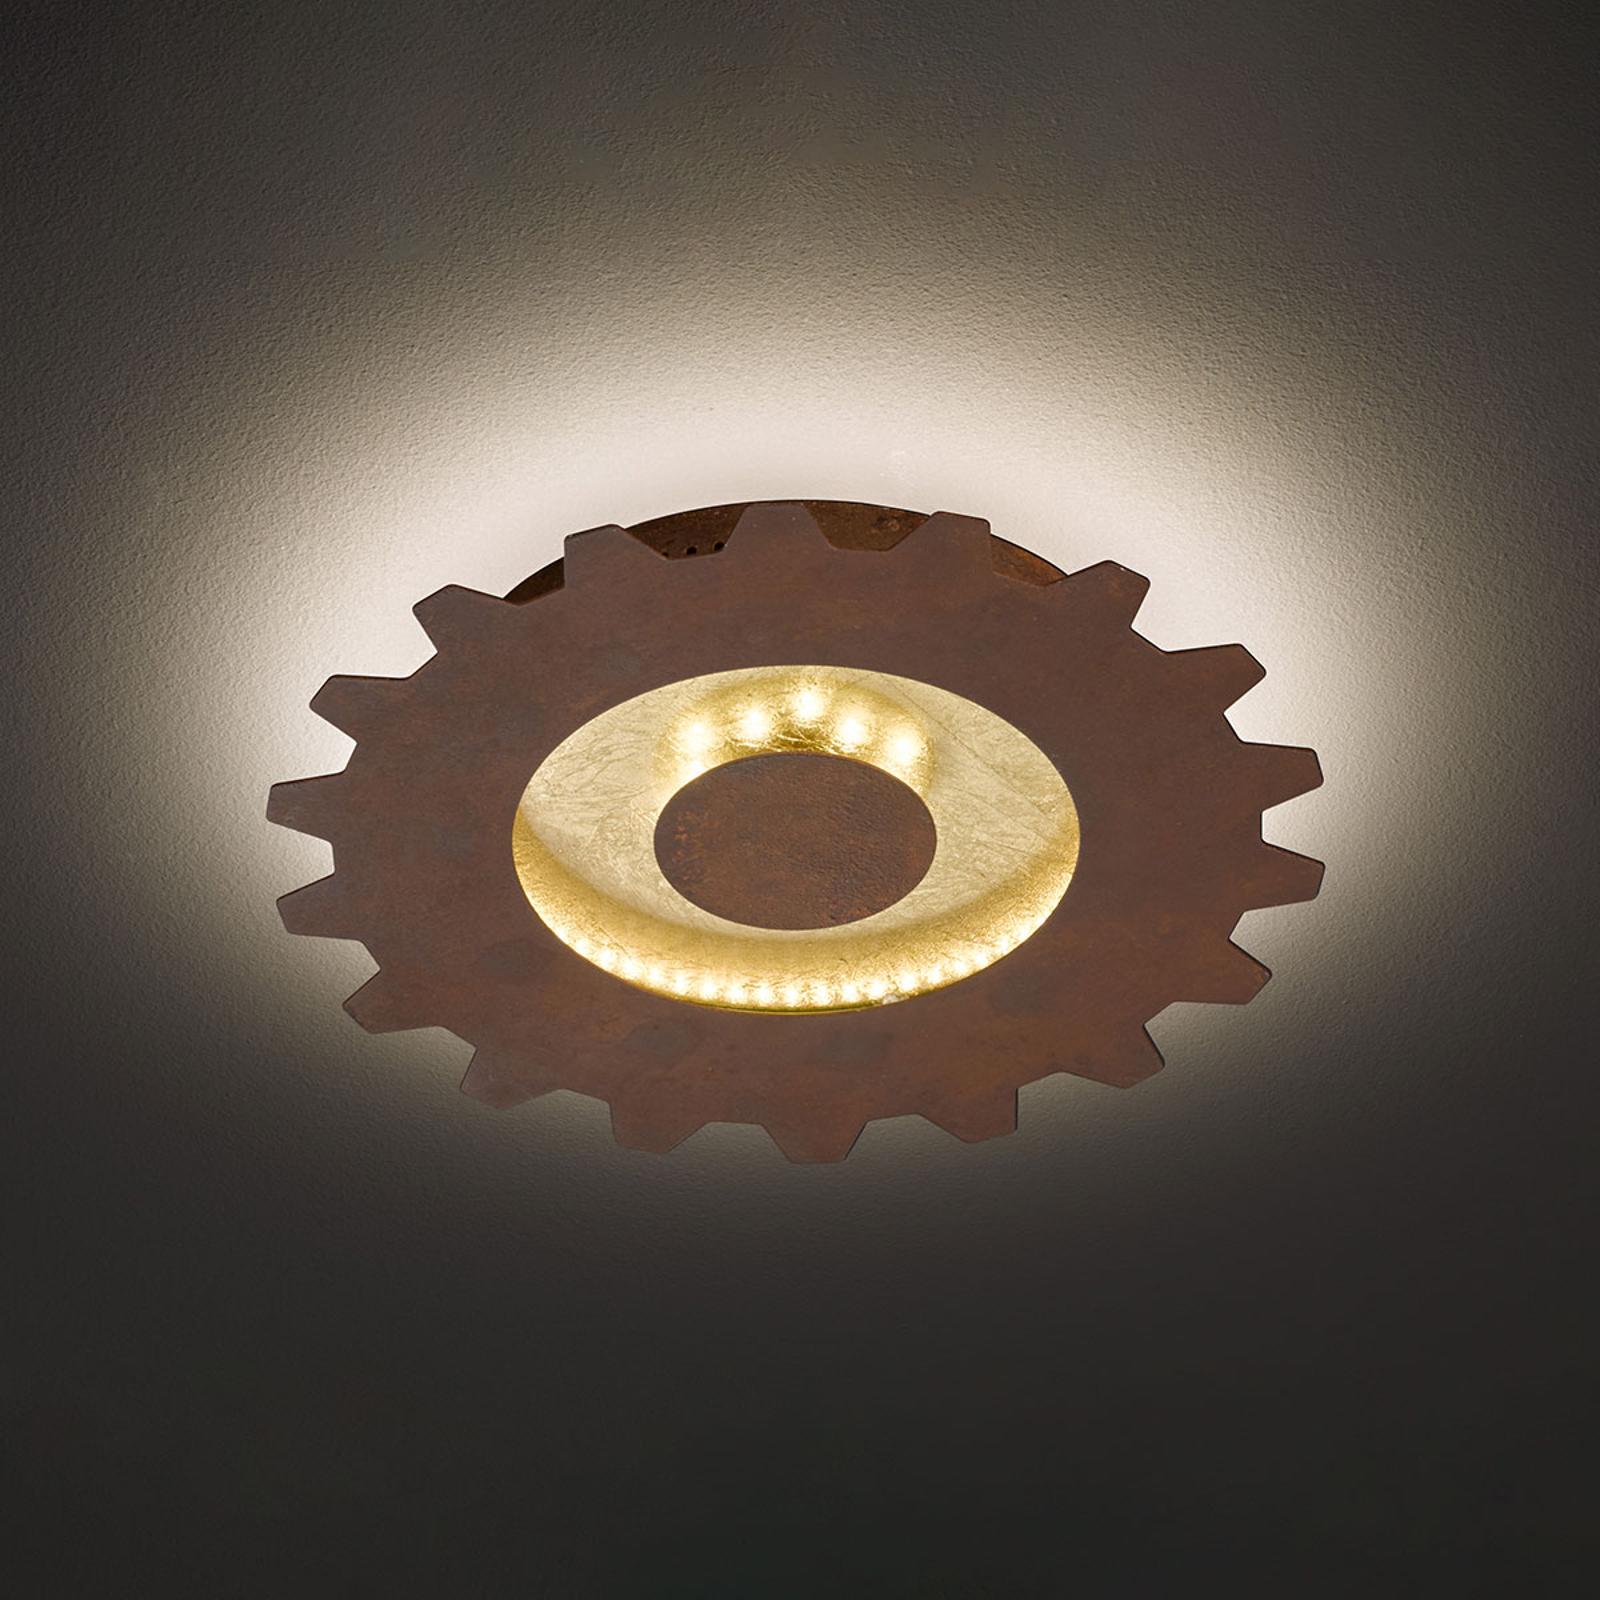 Leif - lampa sufitowa LED, koło zębate, Ø 30 cm